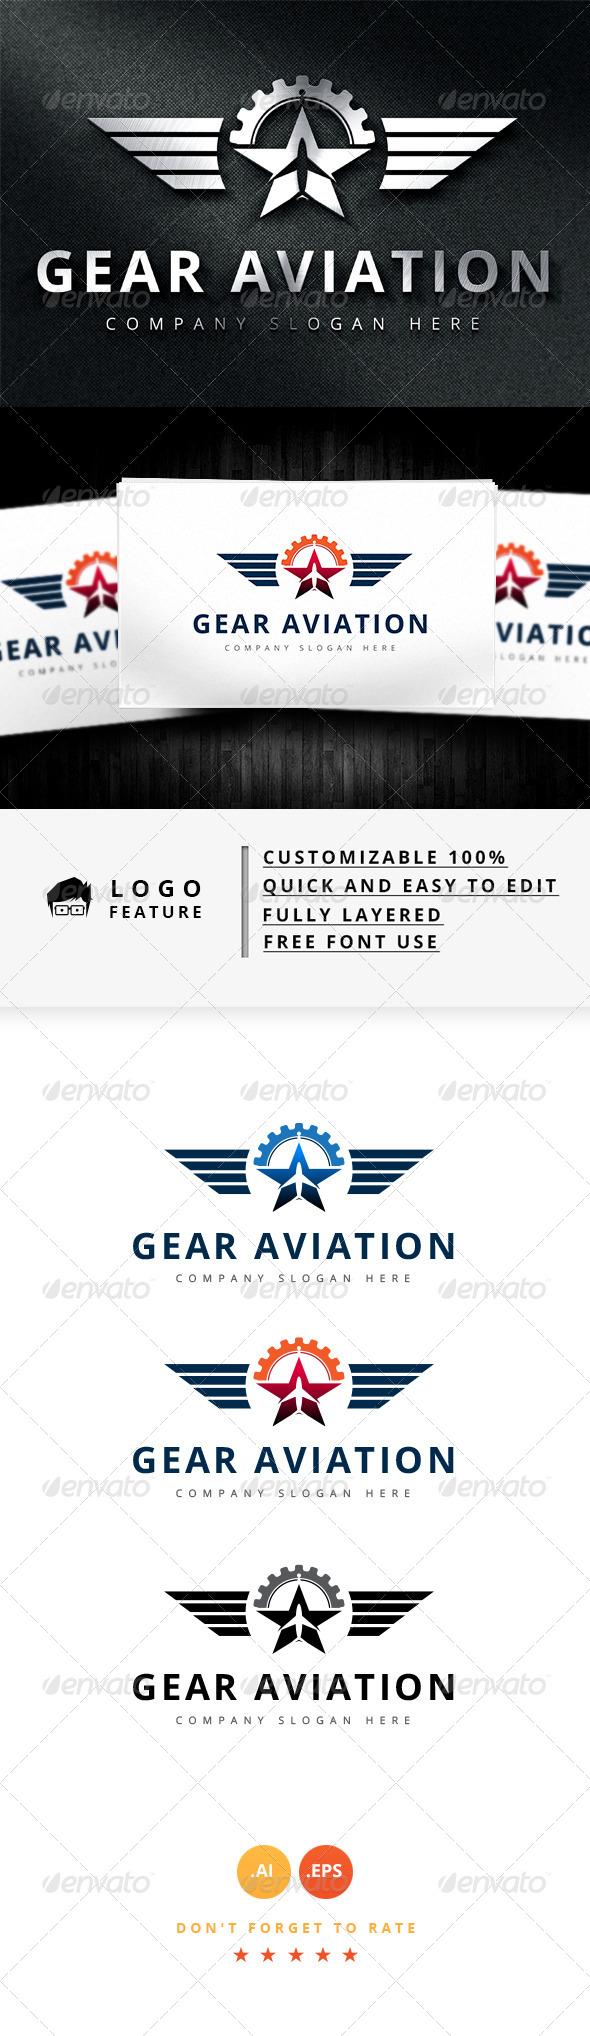 GraphicRiver Gear Aviation Logo 8187714